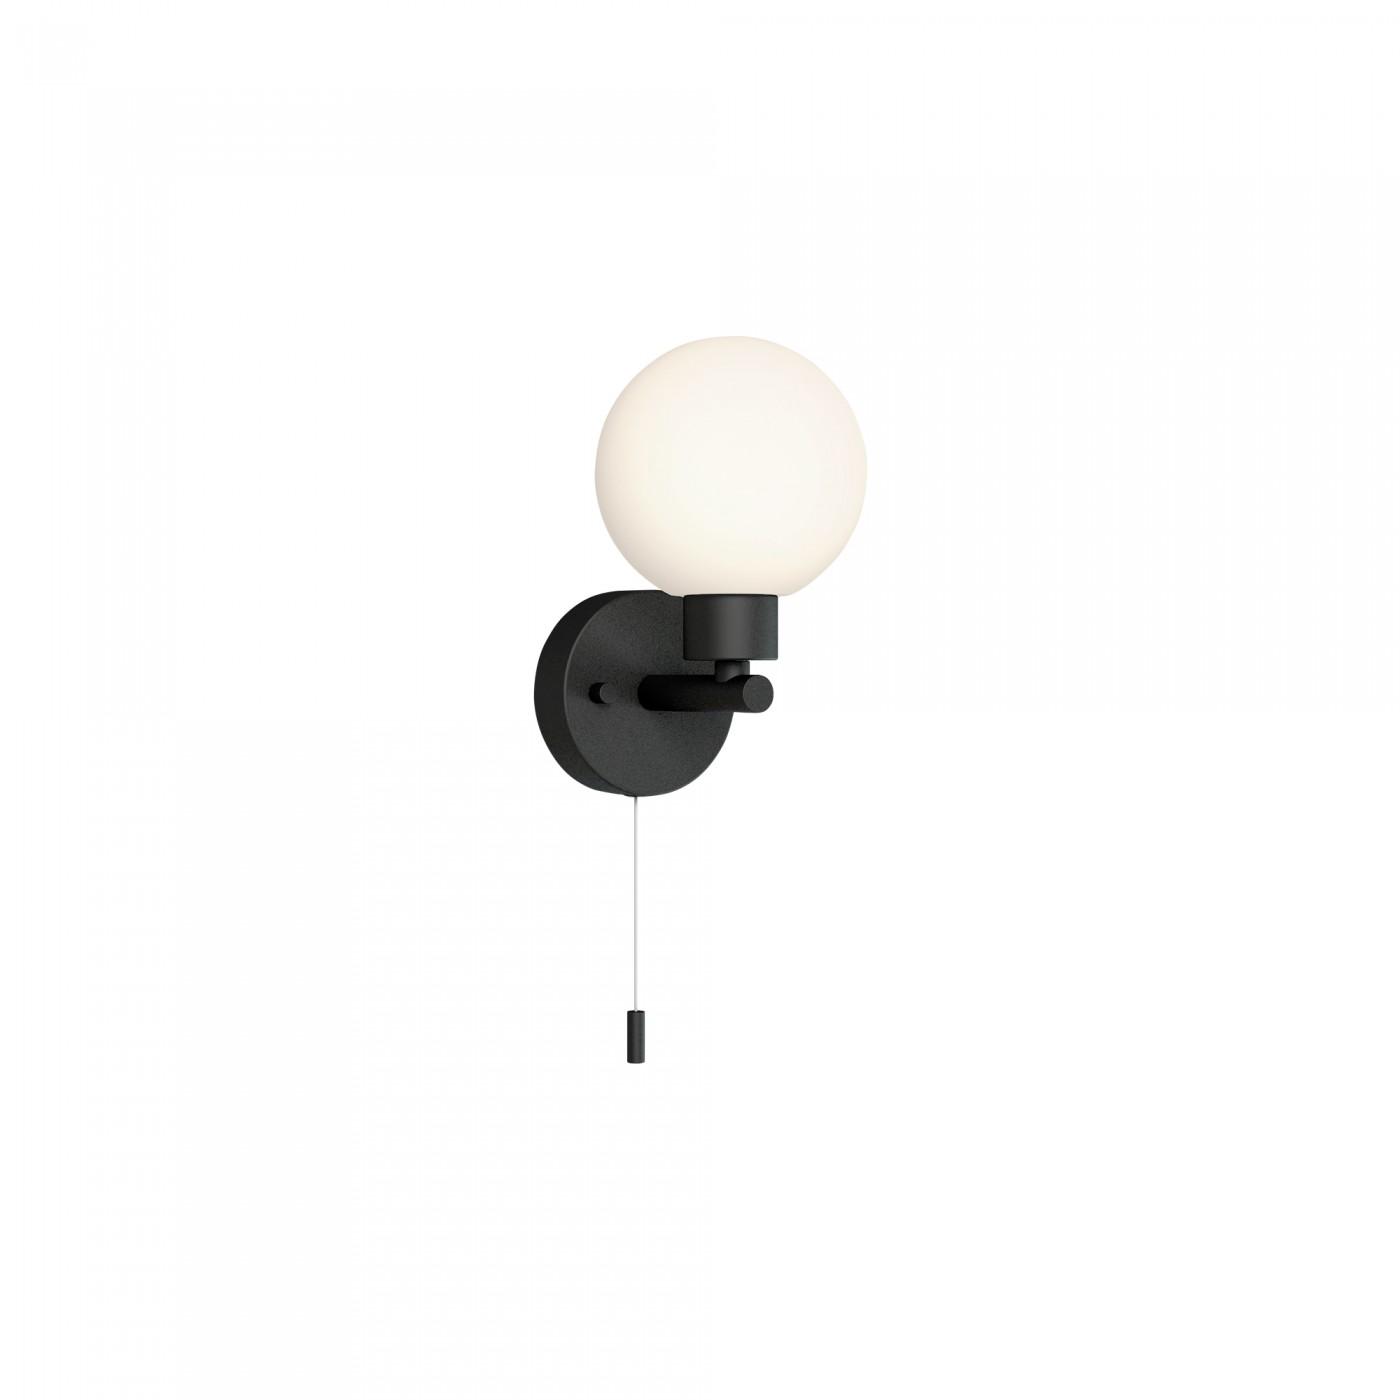 SIMI 8052 Nowodvorski Lighting